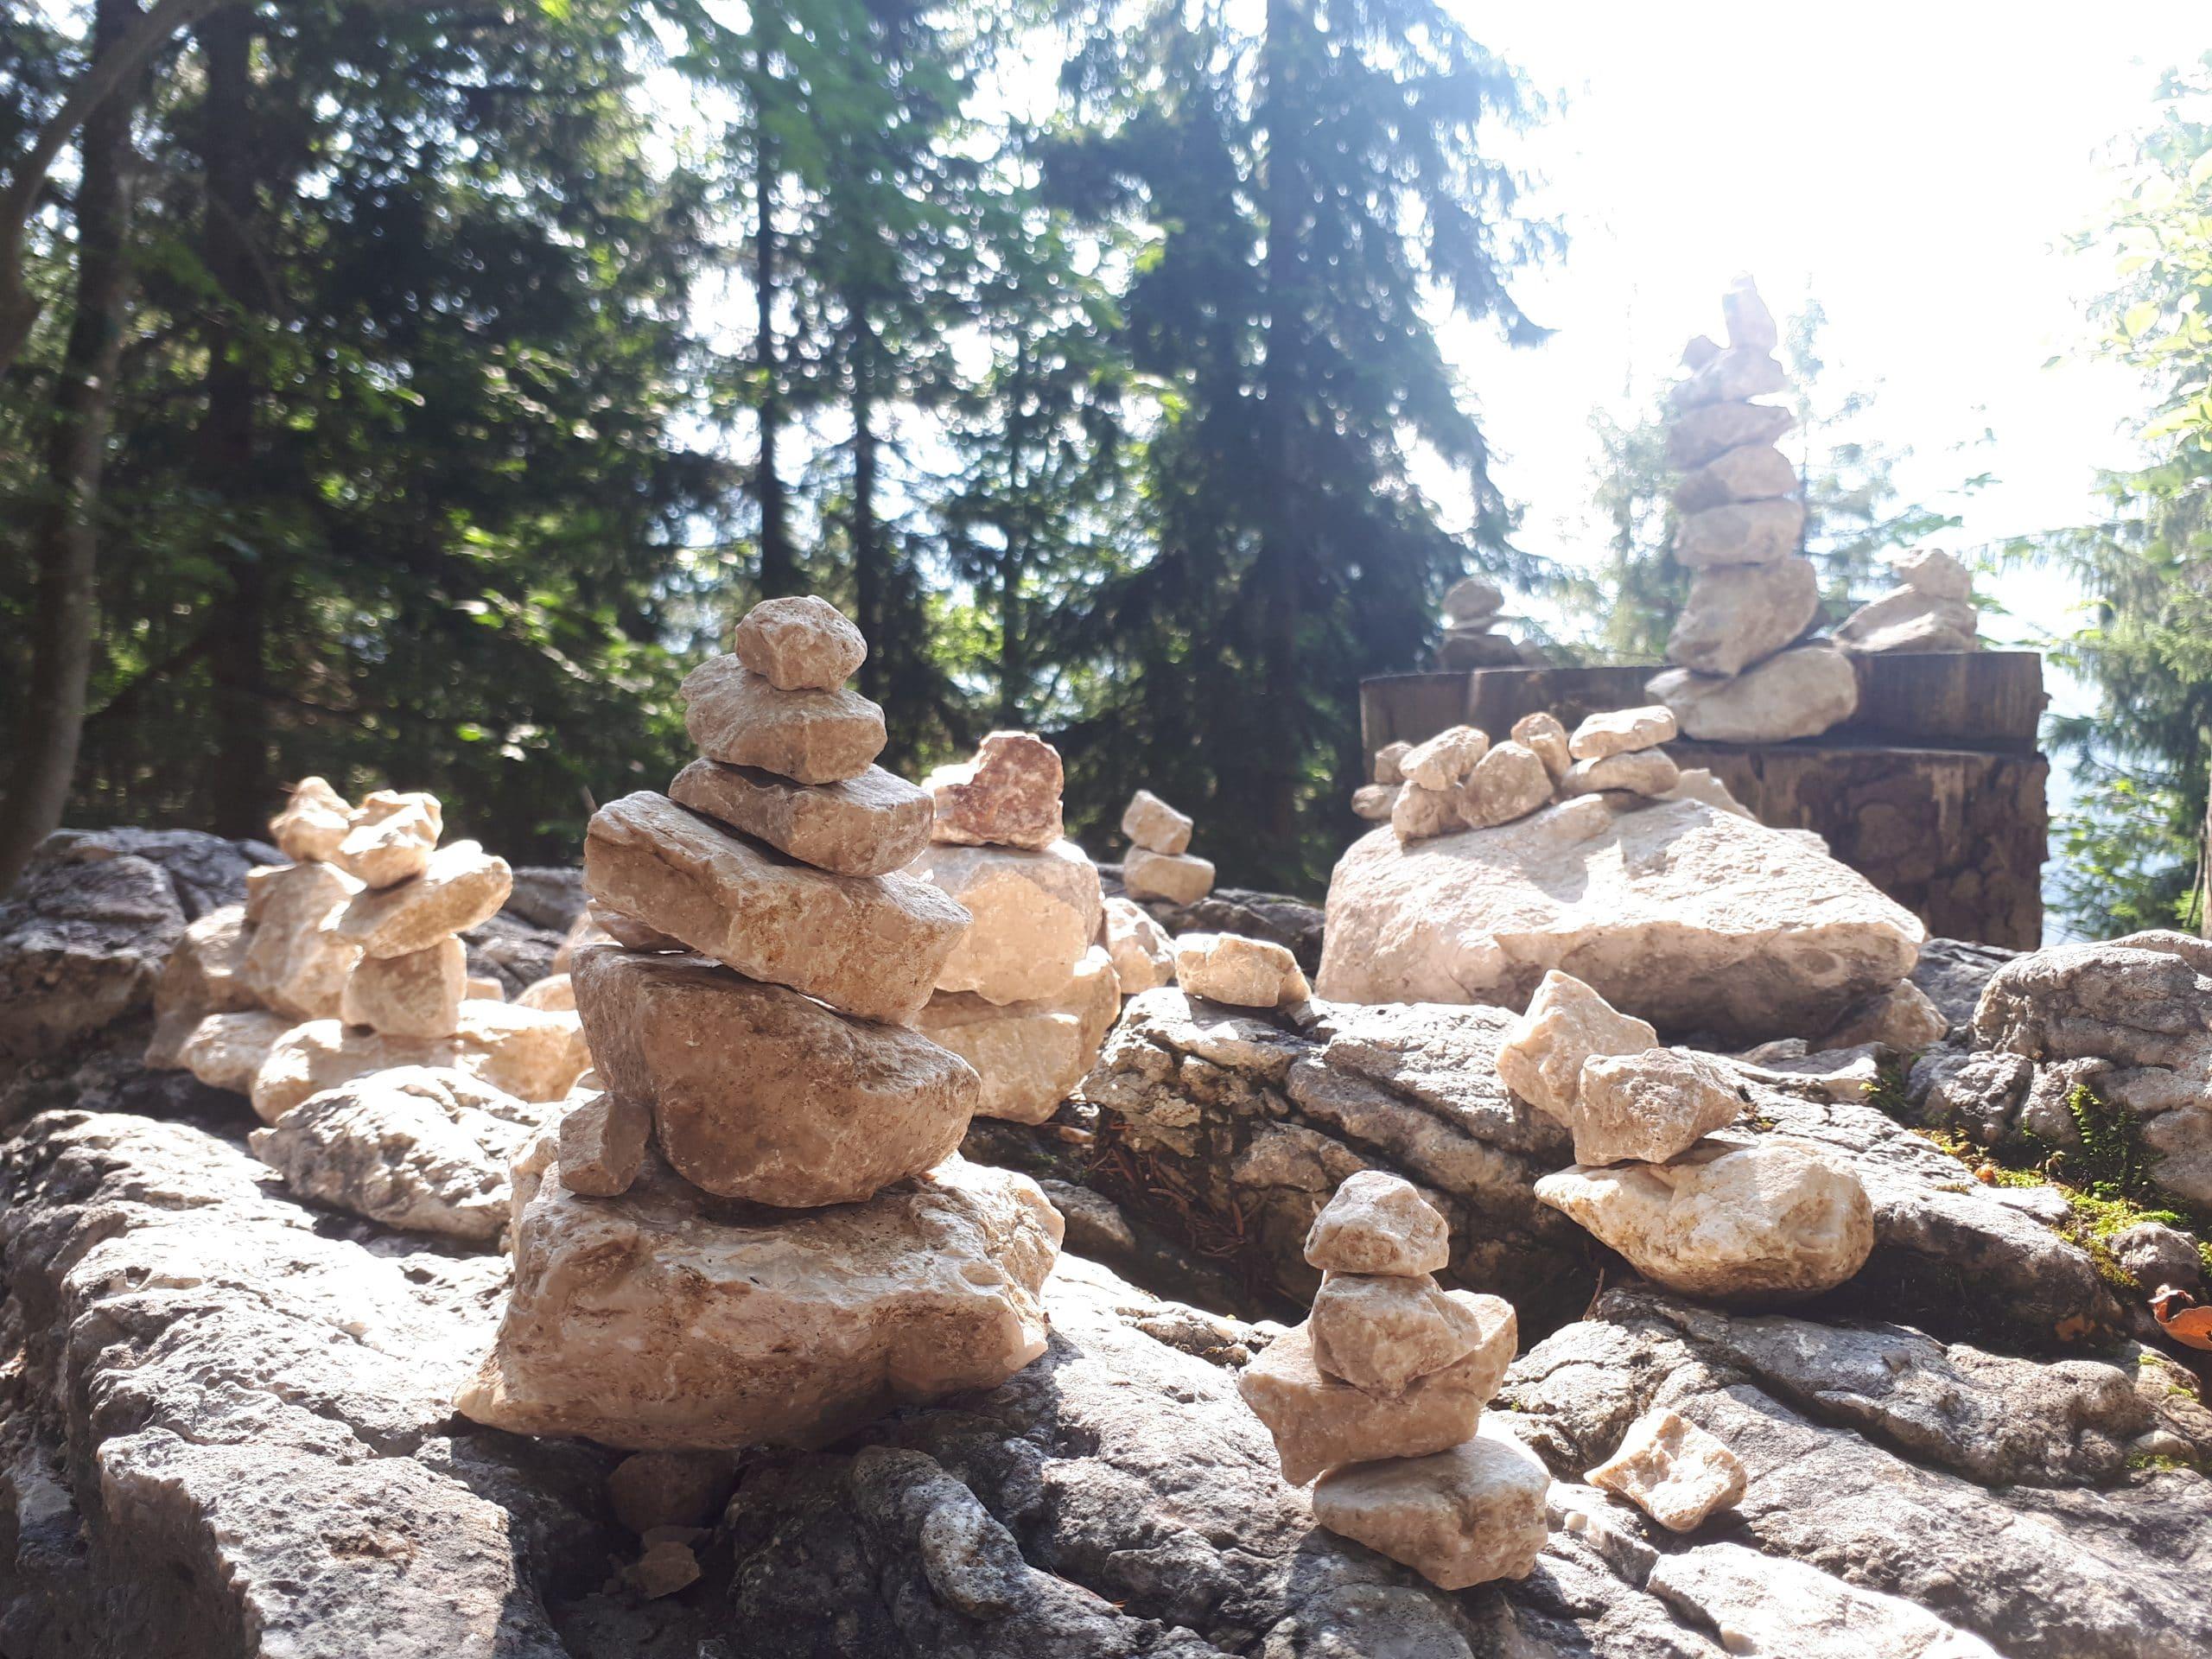 Zweites Bild der Meditativen Wandertage Steine im Gleichgewicht